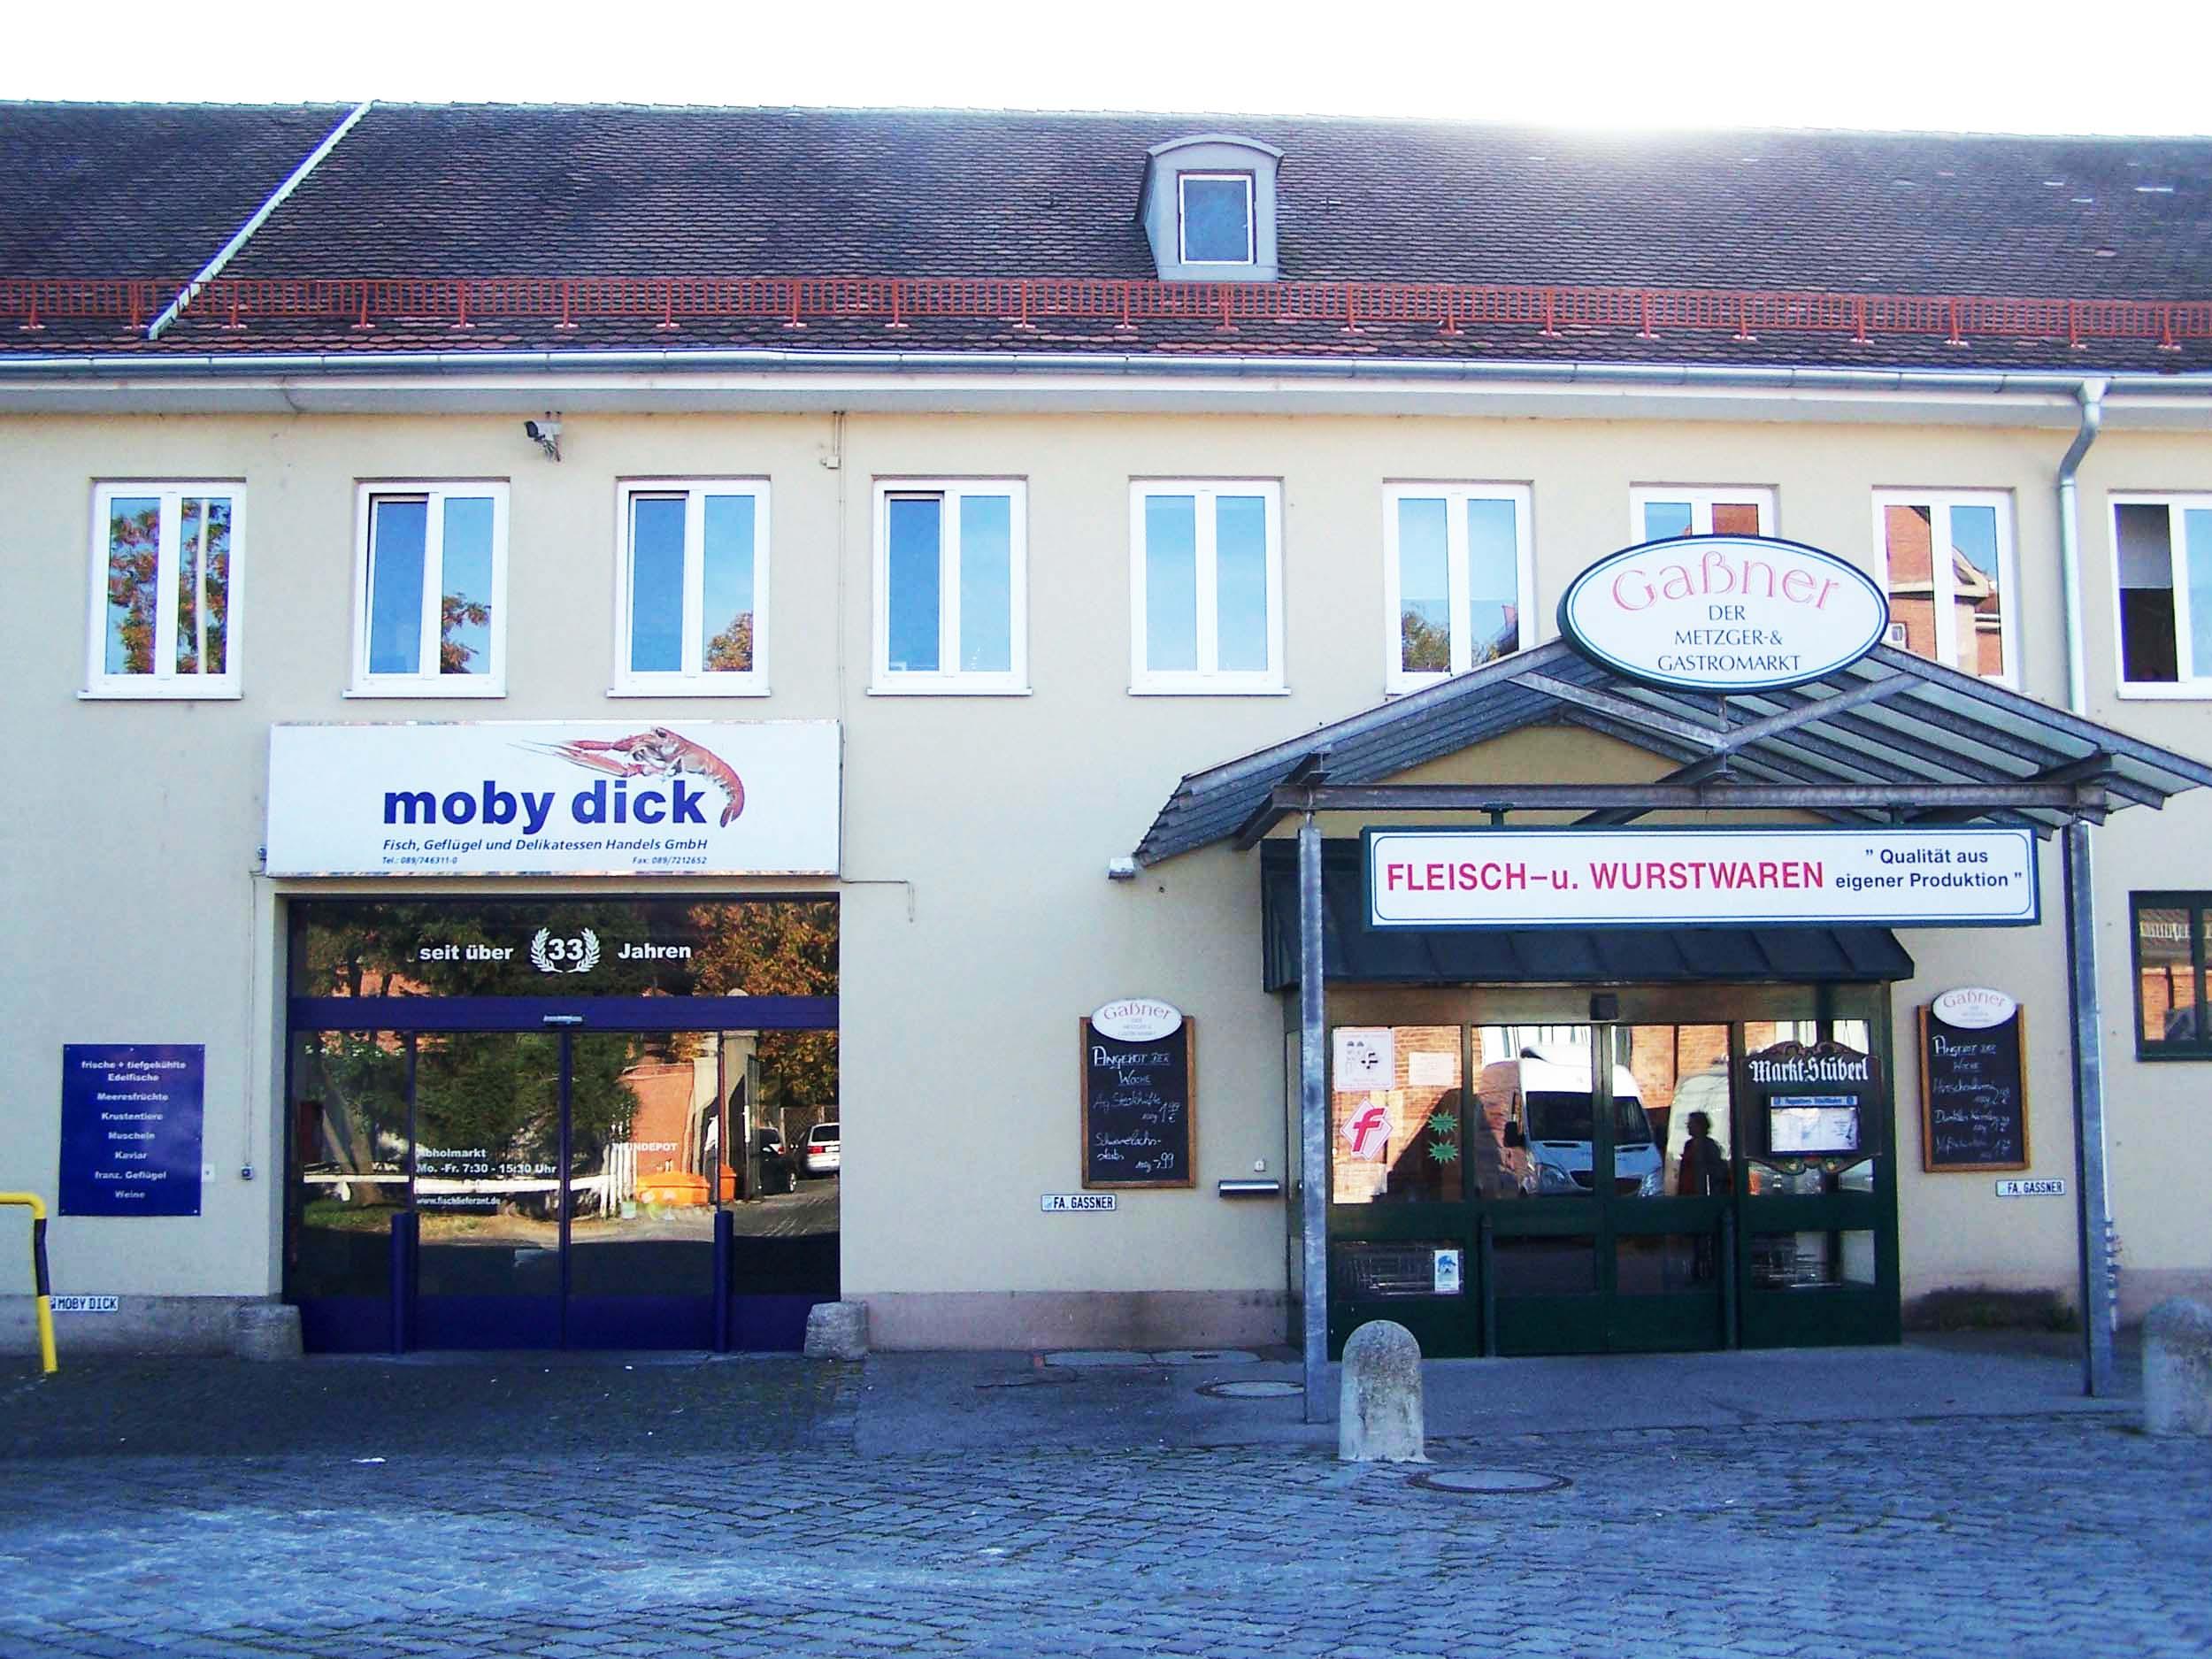 Moby Dick München, Zenettistraße Schlachthof. Fleisch- und Wurstwaren Gaßner Metzger- & Gastromarkt